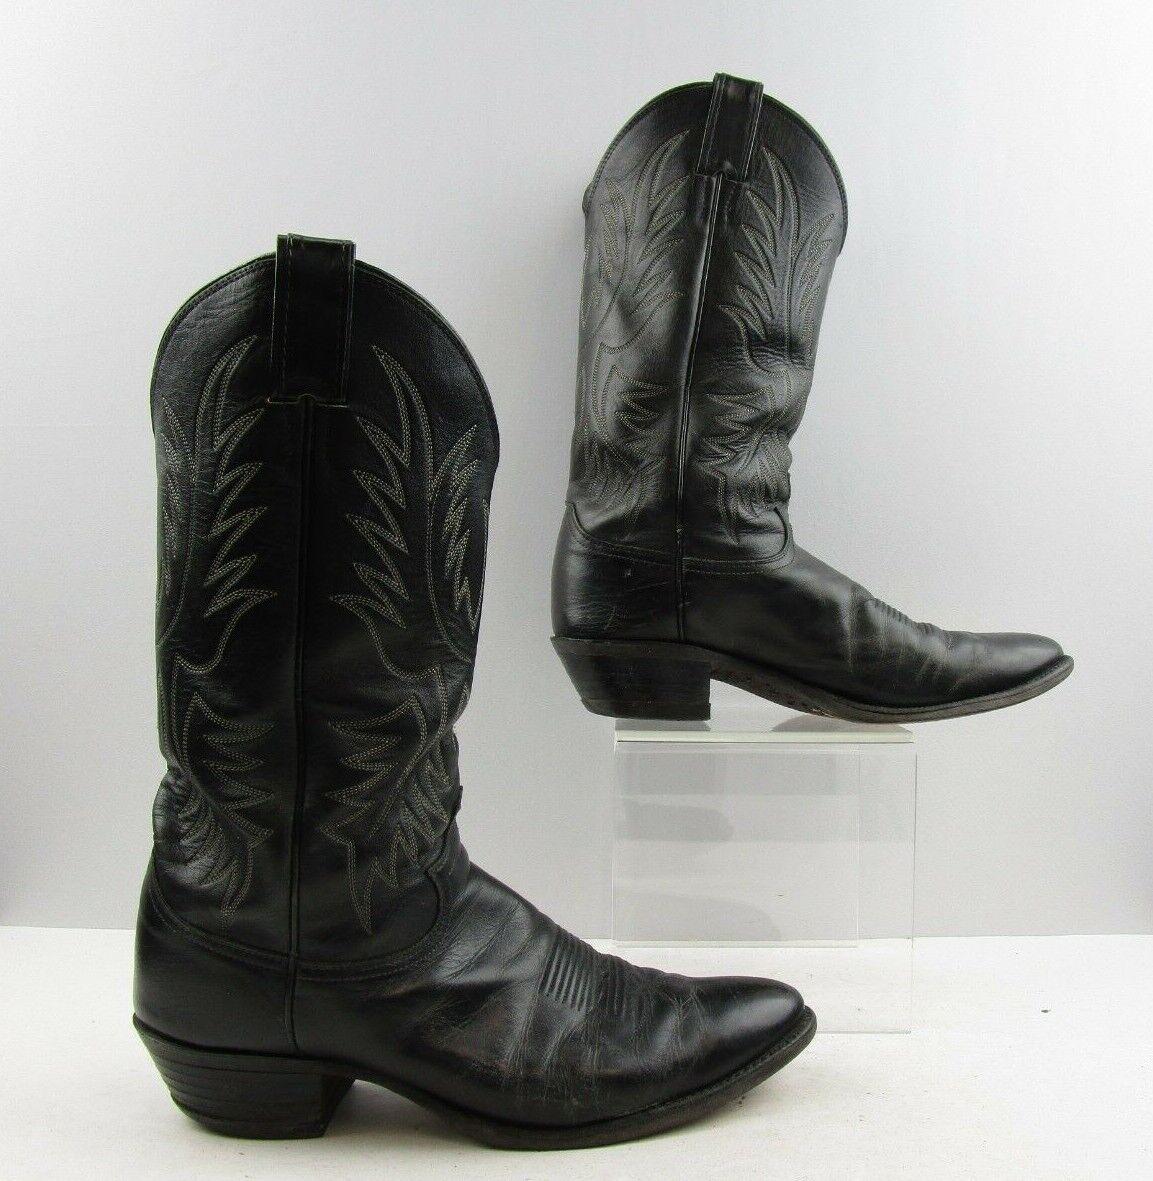 Para hombres cuero negro botas de vaquero occidental Justin Tamaño  9.5 B  estrecho ancho